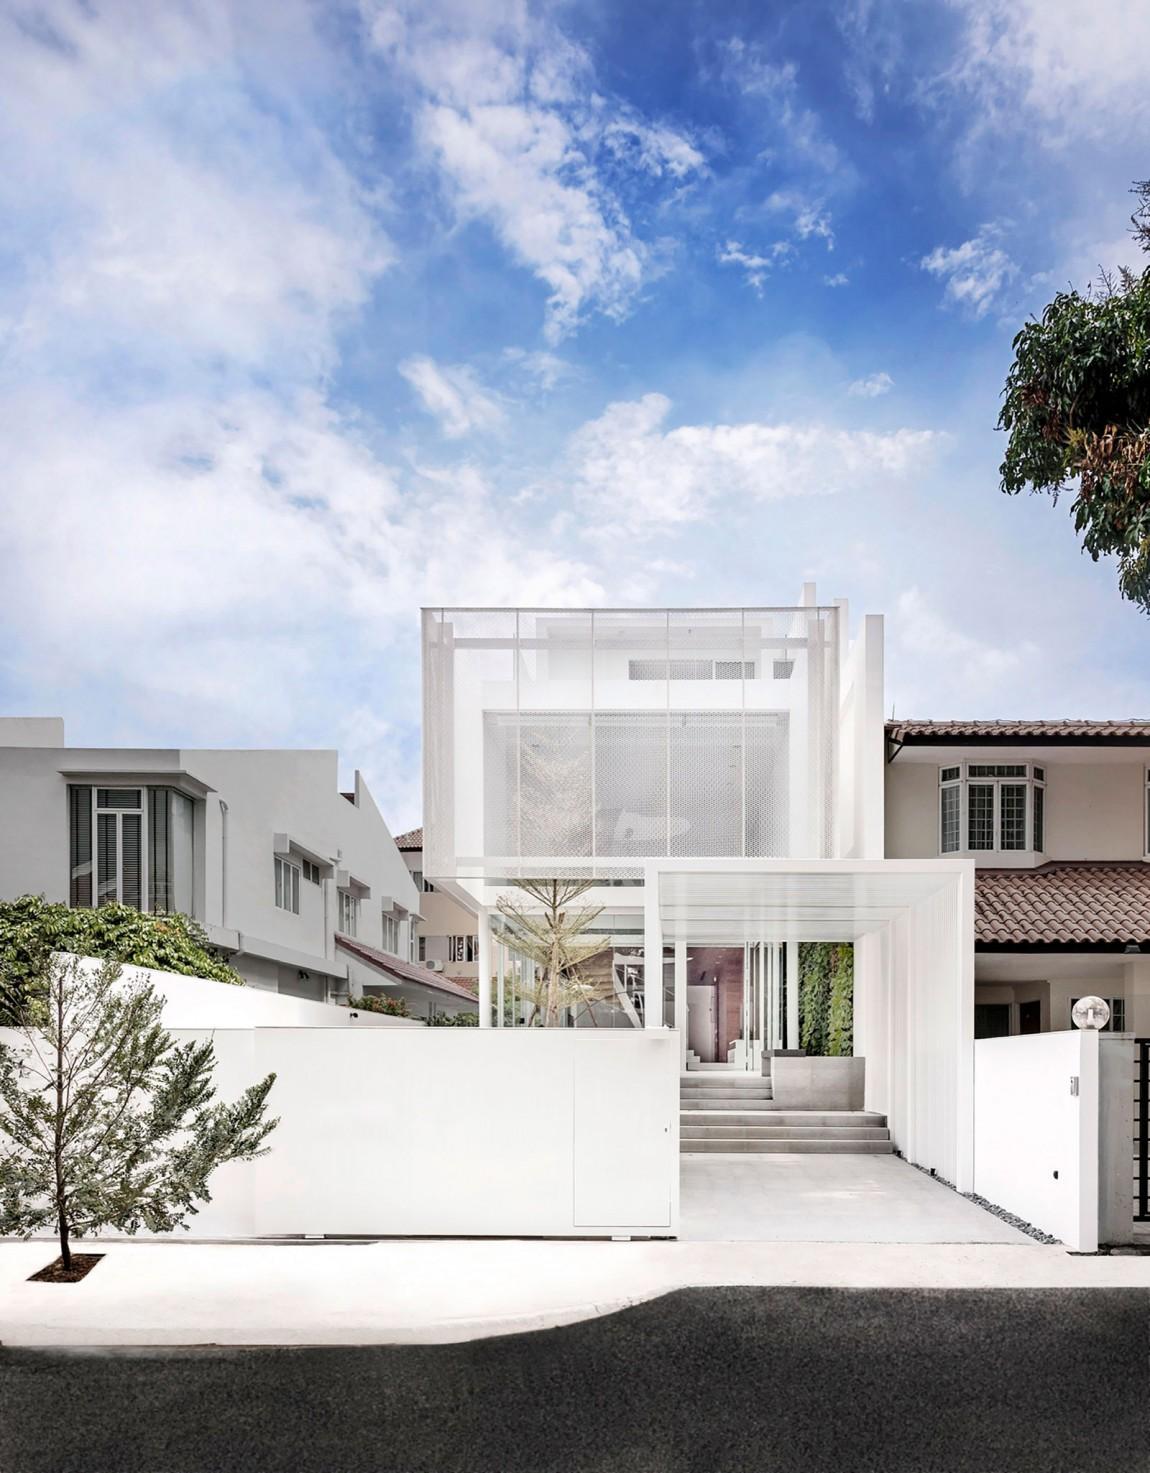 Nhà đẹp nước ngoài - greja house - 1